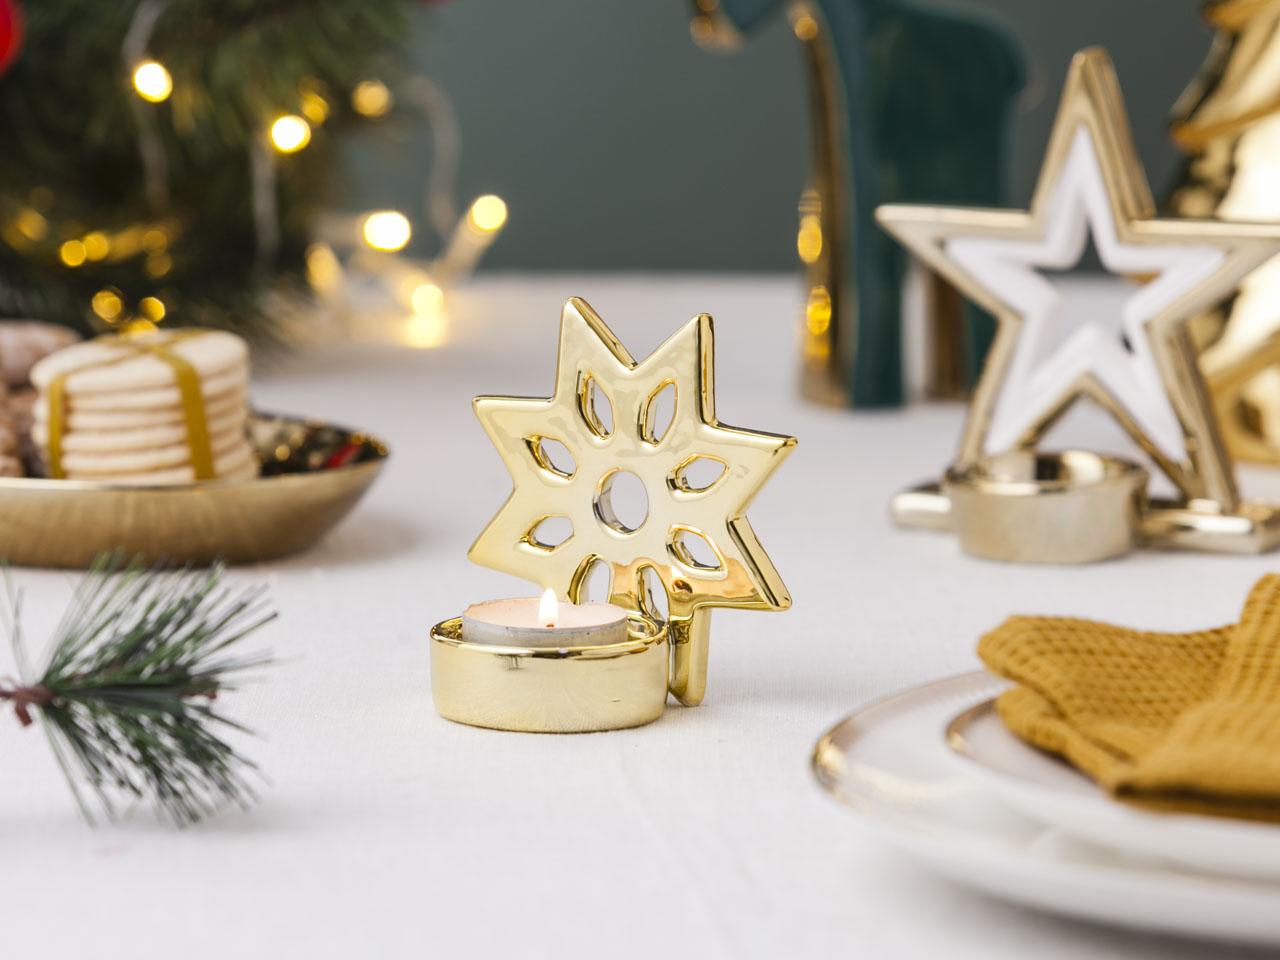 Świecznik / dekoracja świąteczna Boże Narodzenie Altom Design śnieżynka 9,5x6 cm